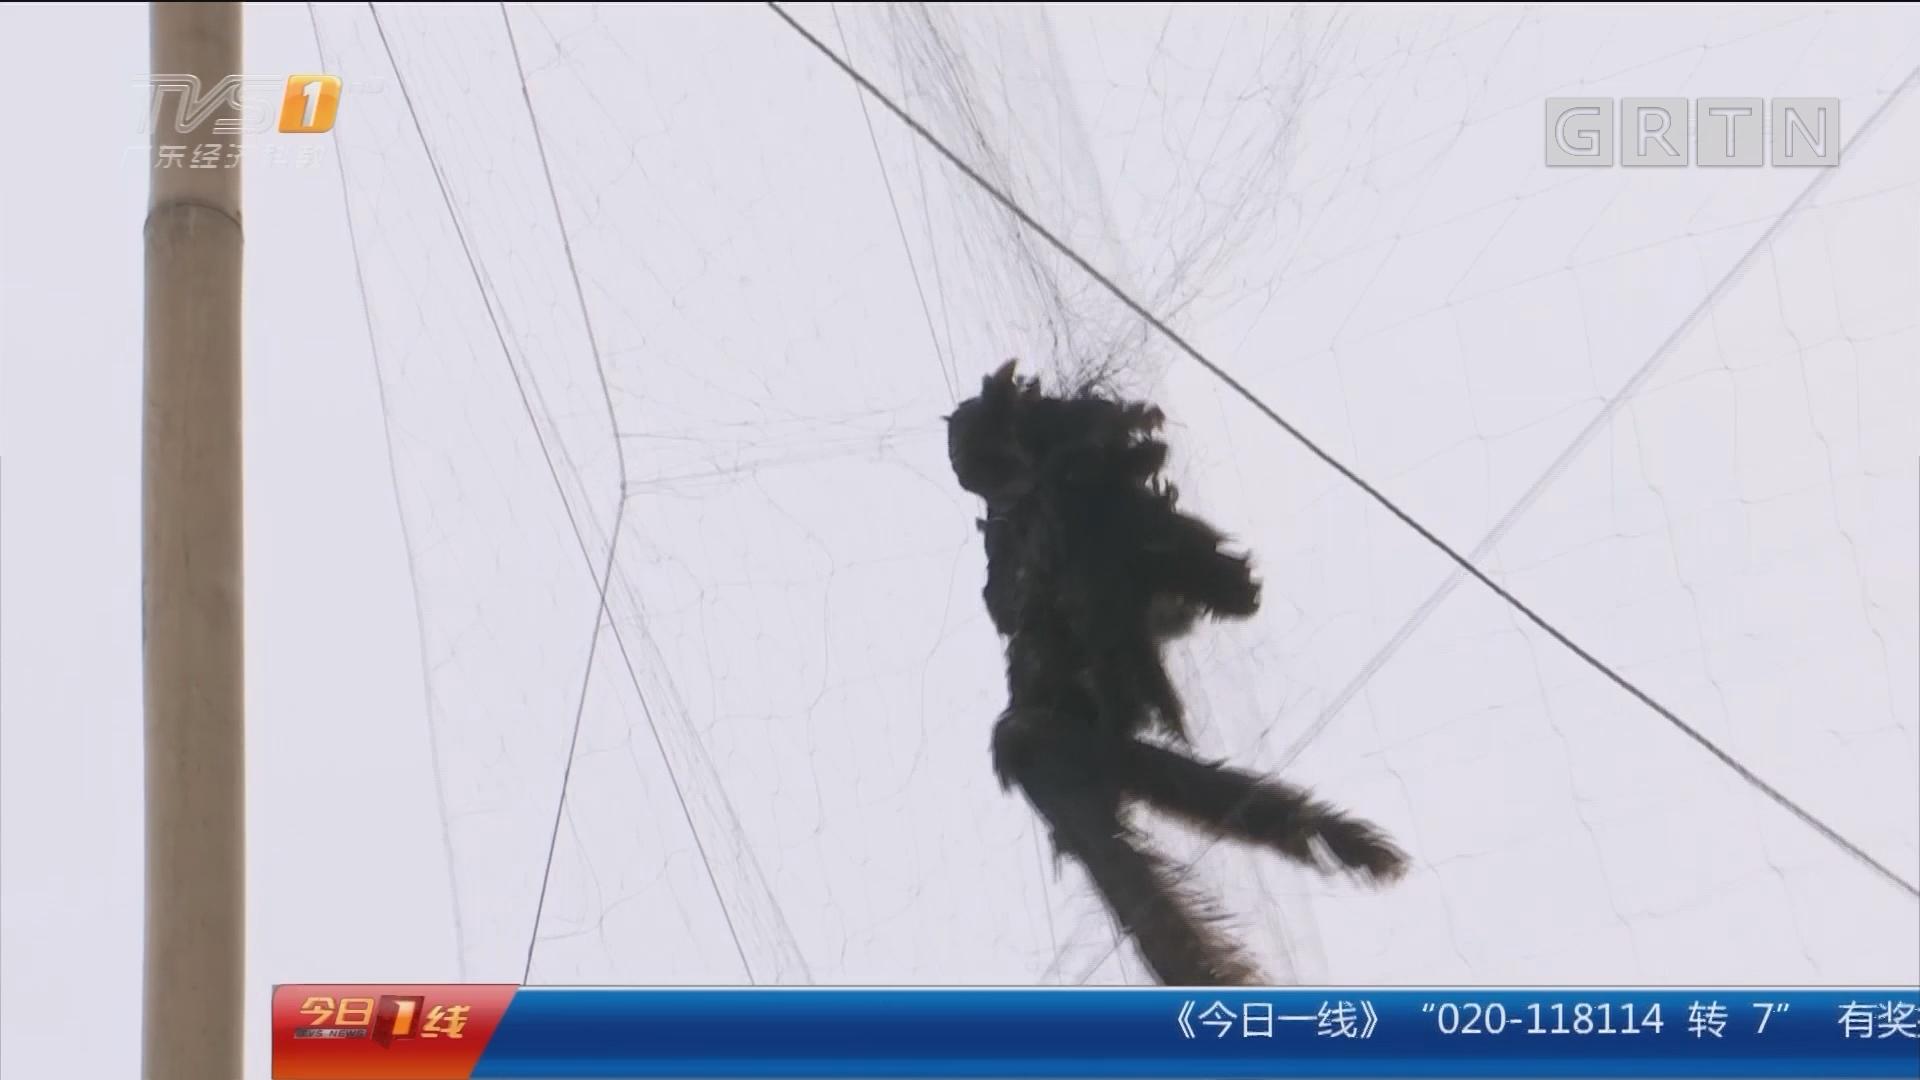 汕头:山上惊现巨型连环网 非法捕鸟